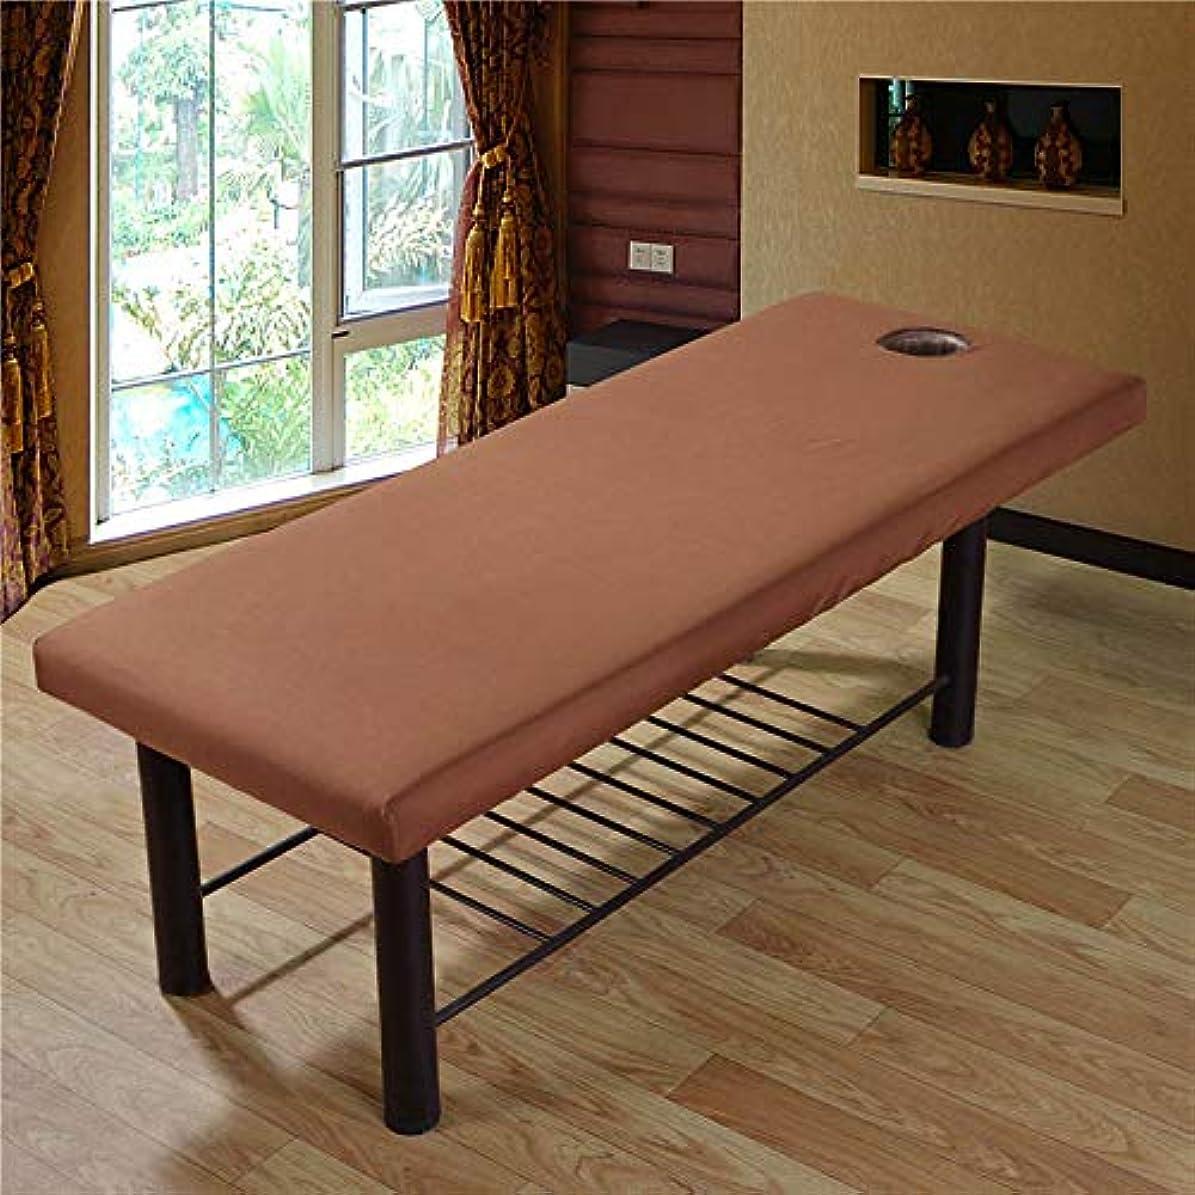 不合格フリッパー気候の山CoolTack  美容院のマッサージ療法のベッドのための柔らかいSoliod色の長方形のマットレス